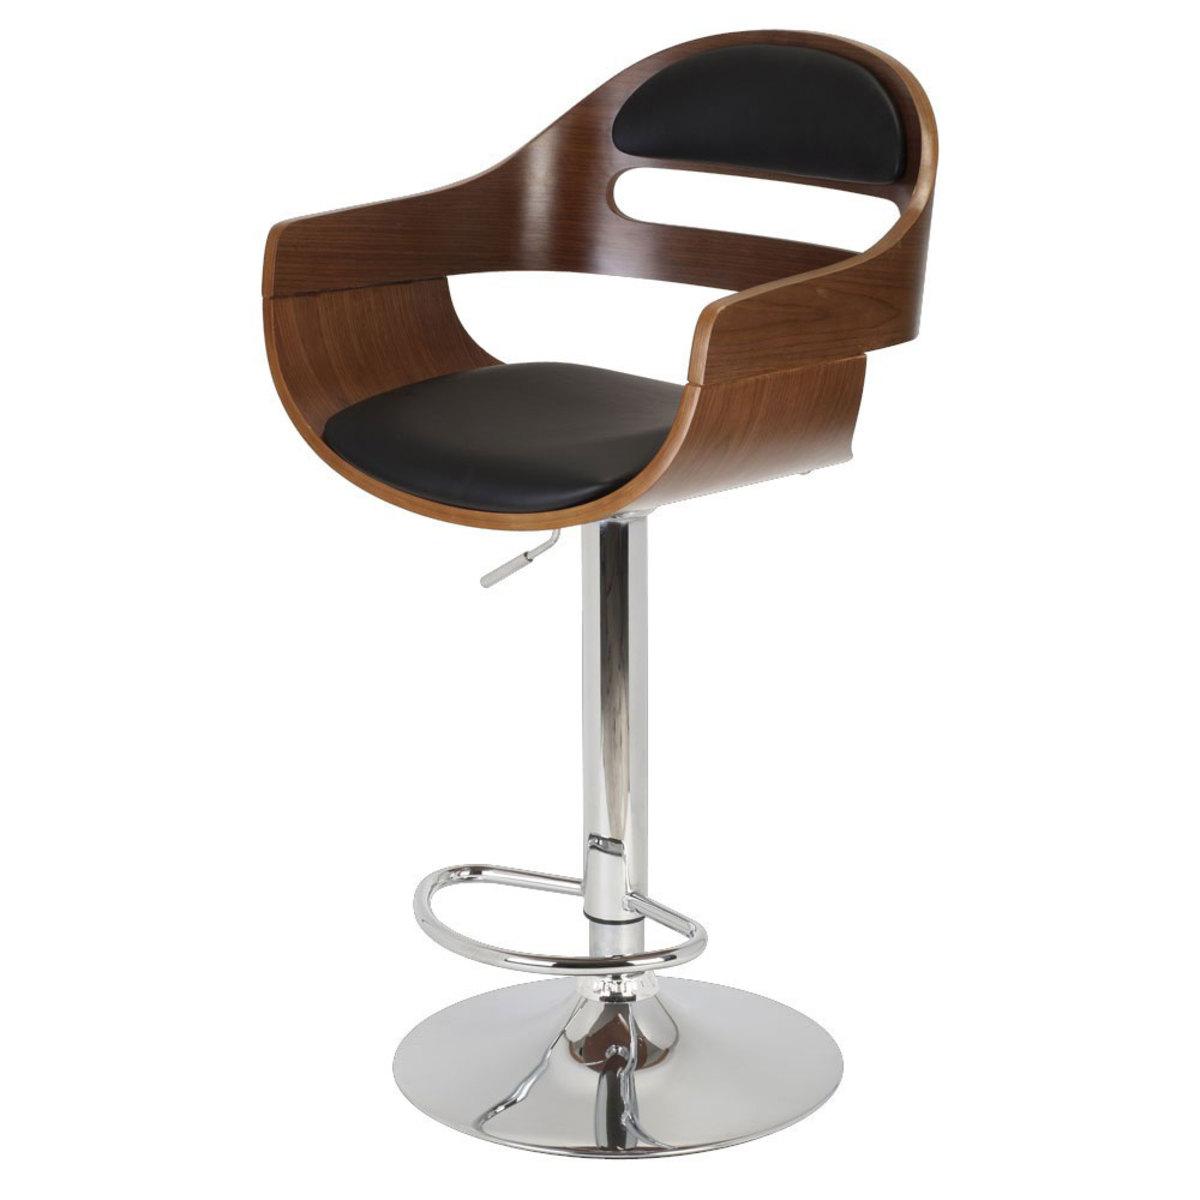 Achat tabouret de bar mobilier design d coration d 39 int rieur for Achat mobilier design